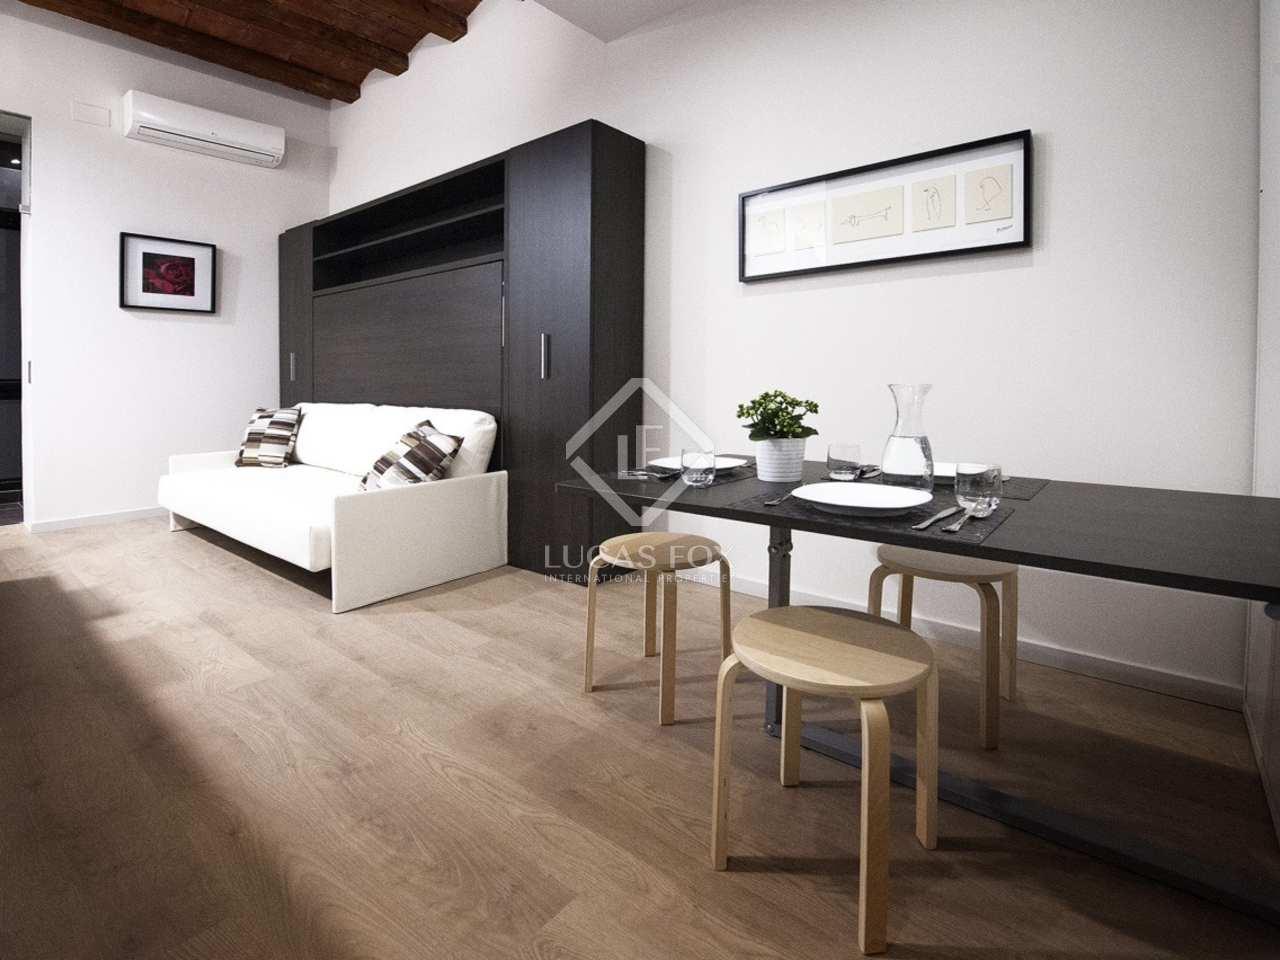 Apartamento con licencia tur stica en el exclusivo barrio for Licencia apartamento turistico madrid